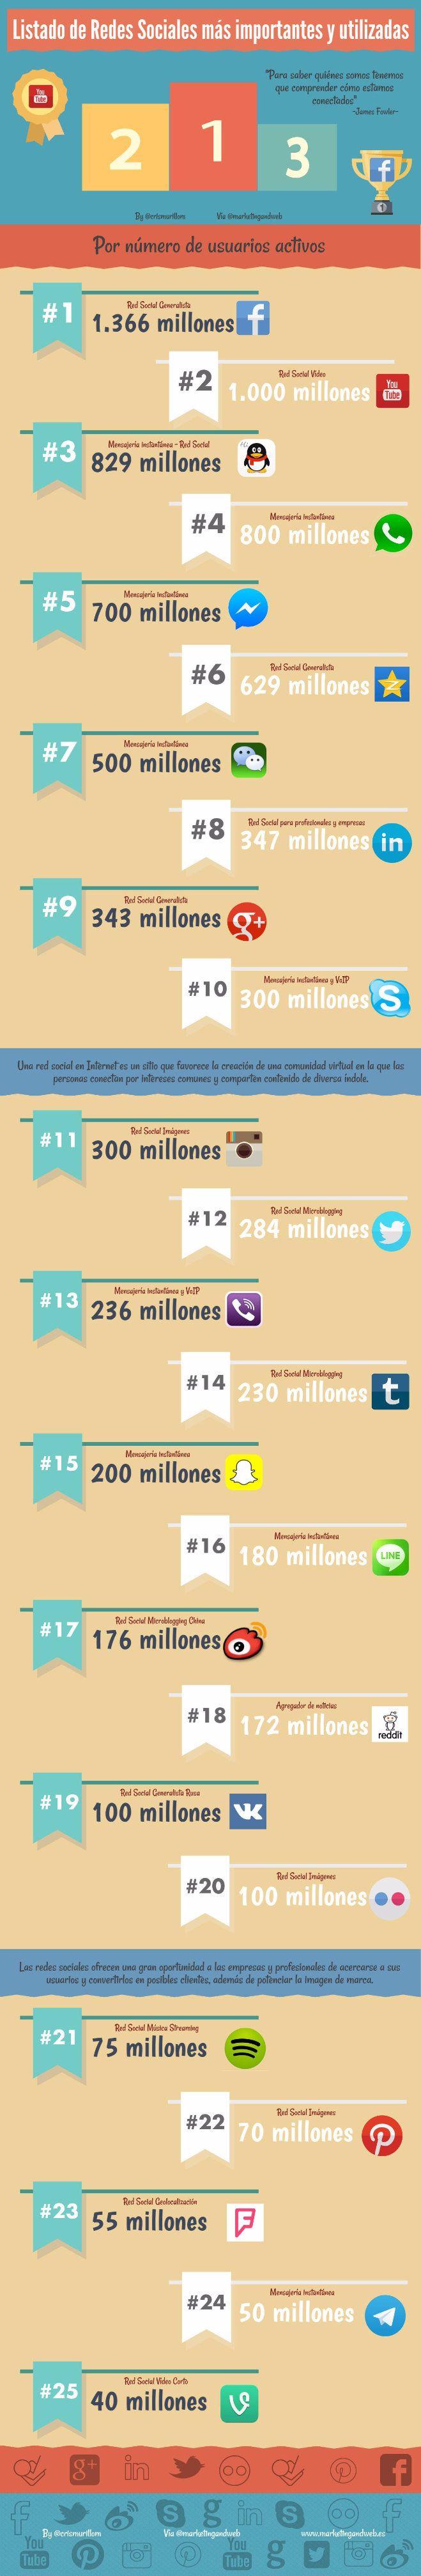 Listado de redes sociales más importantes y más utilizadas. Infografía en español. #CommunityManager